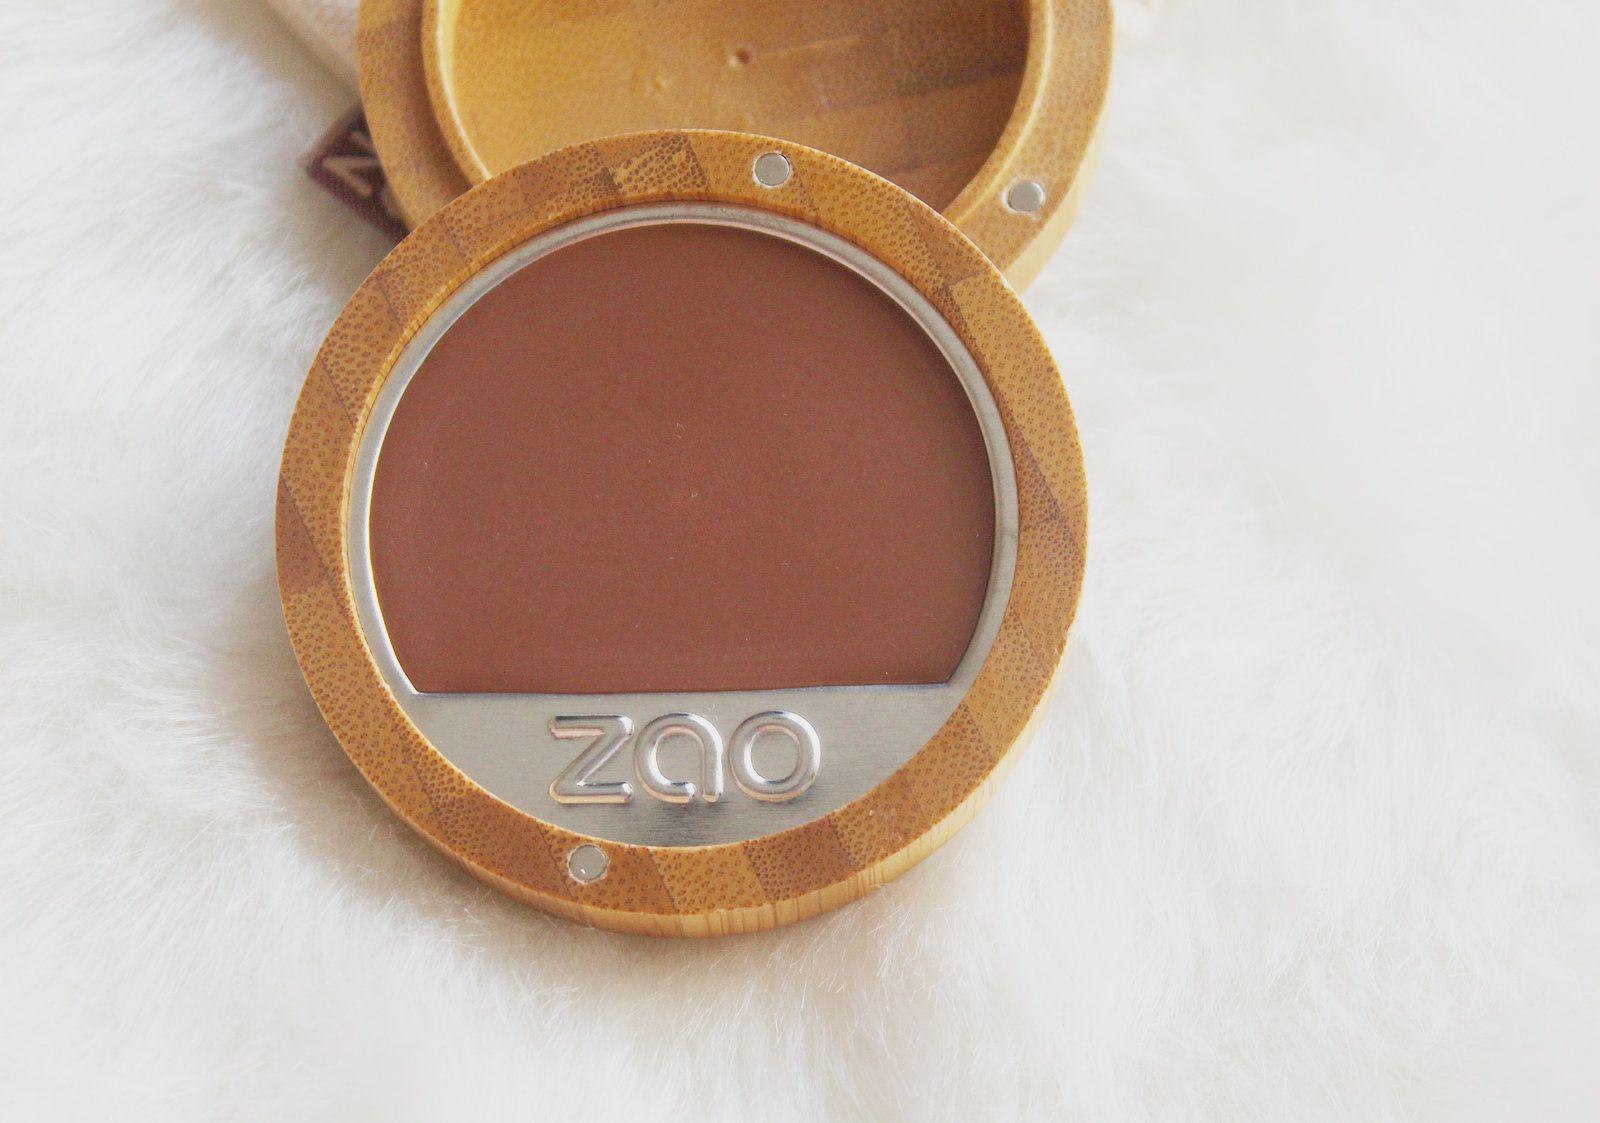 Zao Etnik : Le maquillage Bio pour les peaux foncées